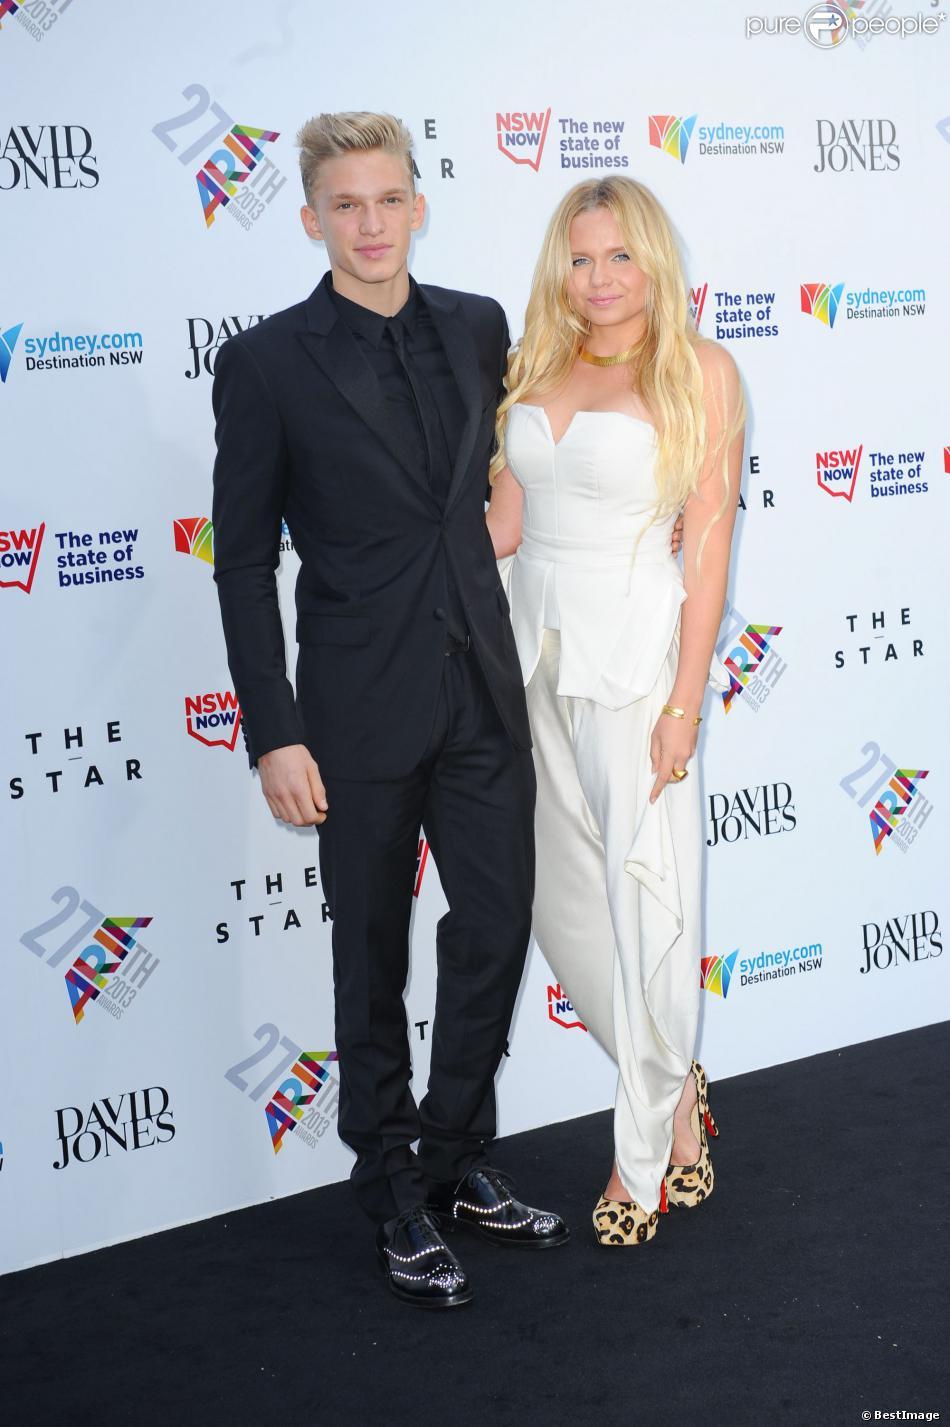 Cody Simpson et sa sœur Alli assistent à la cérémonie des ARIA Awards 2013. Sydney, le 1er décembre 2013.